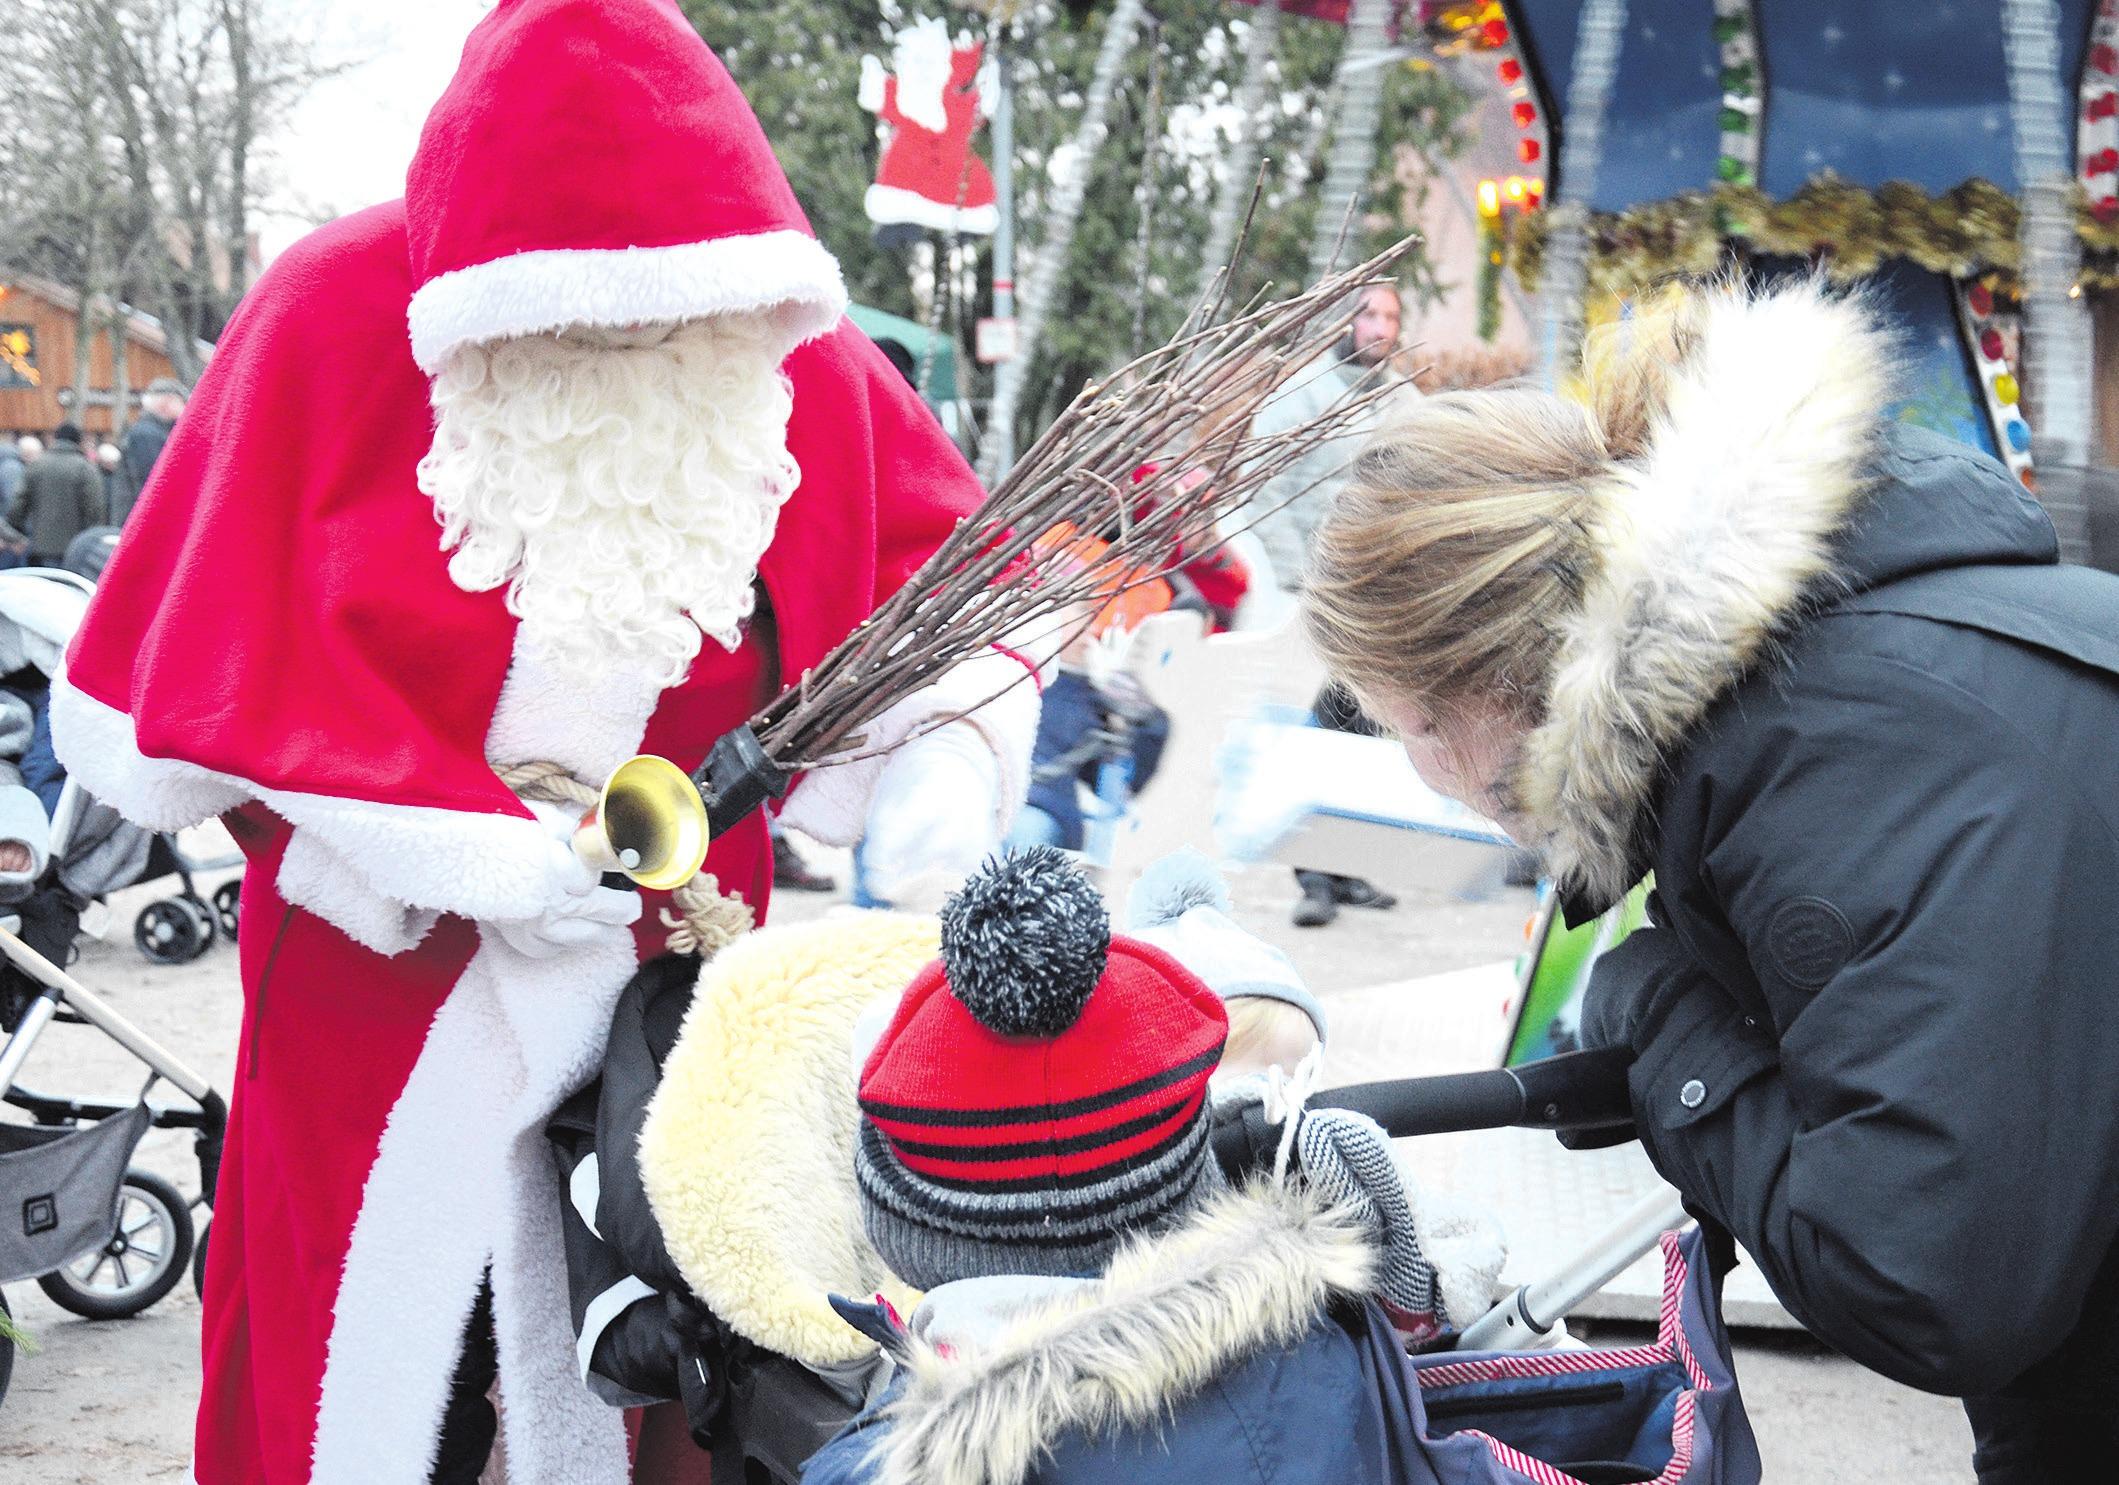 Zum Weihnachtsfest gibt es für die Kinder vom Weihnachtsmann Geschenke.